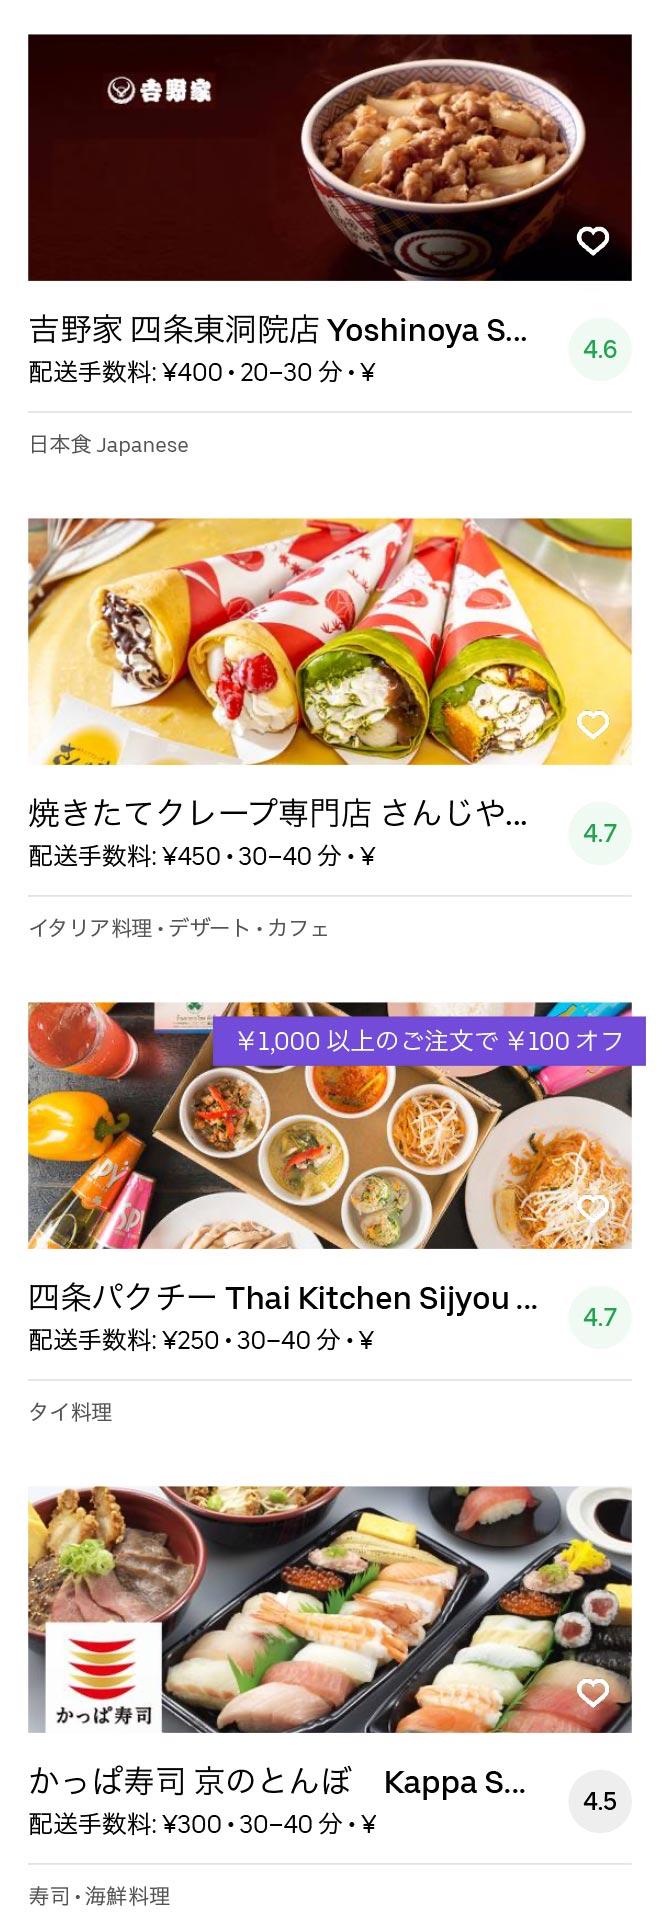 Kyoto fushimiinari menu 2005 06